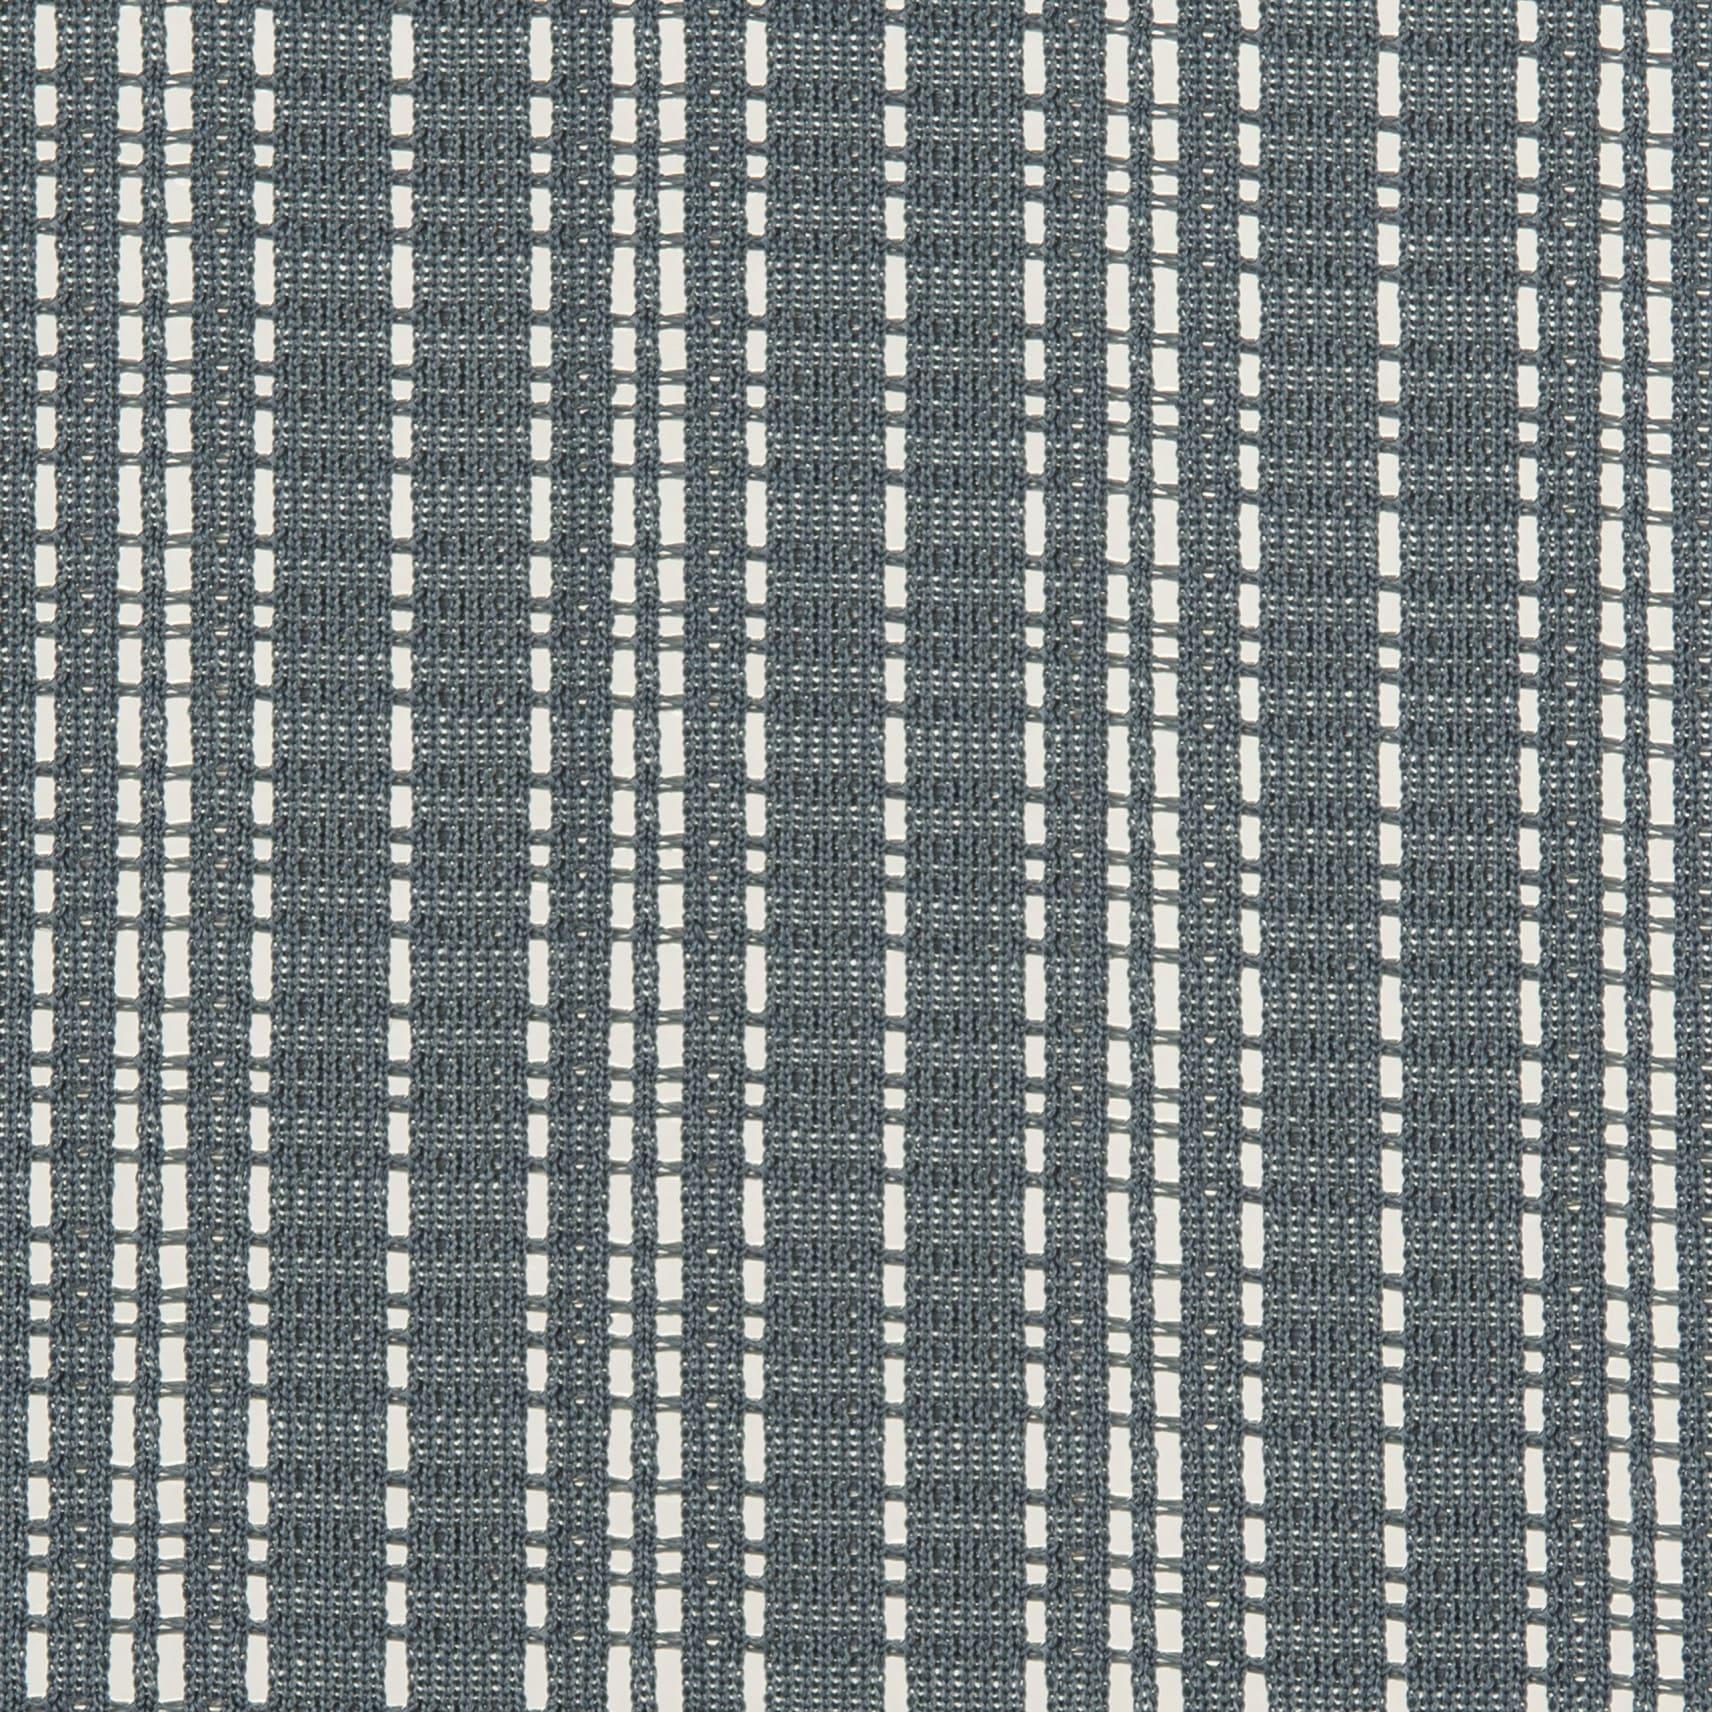 デスクチェアー マスター�V(BK82530):通気性抜群のメッシュ生地